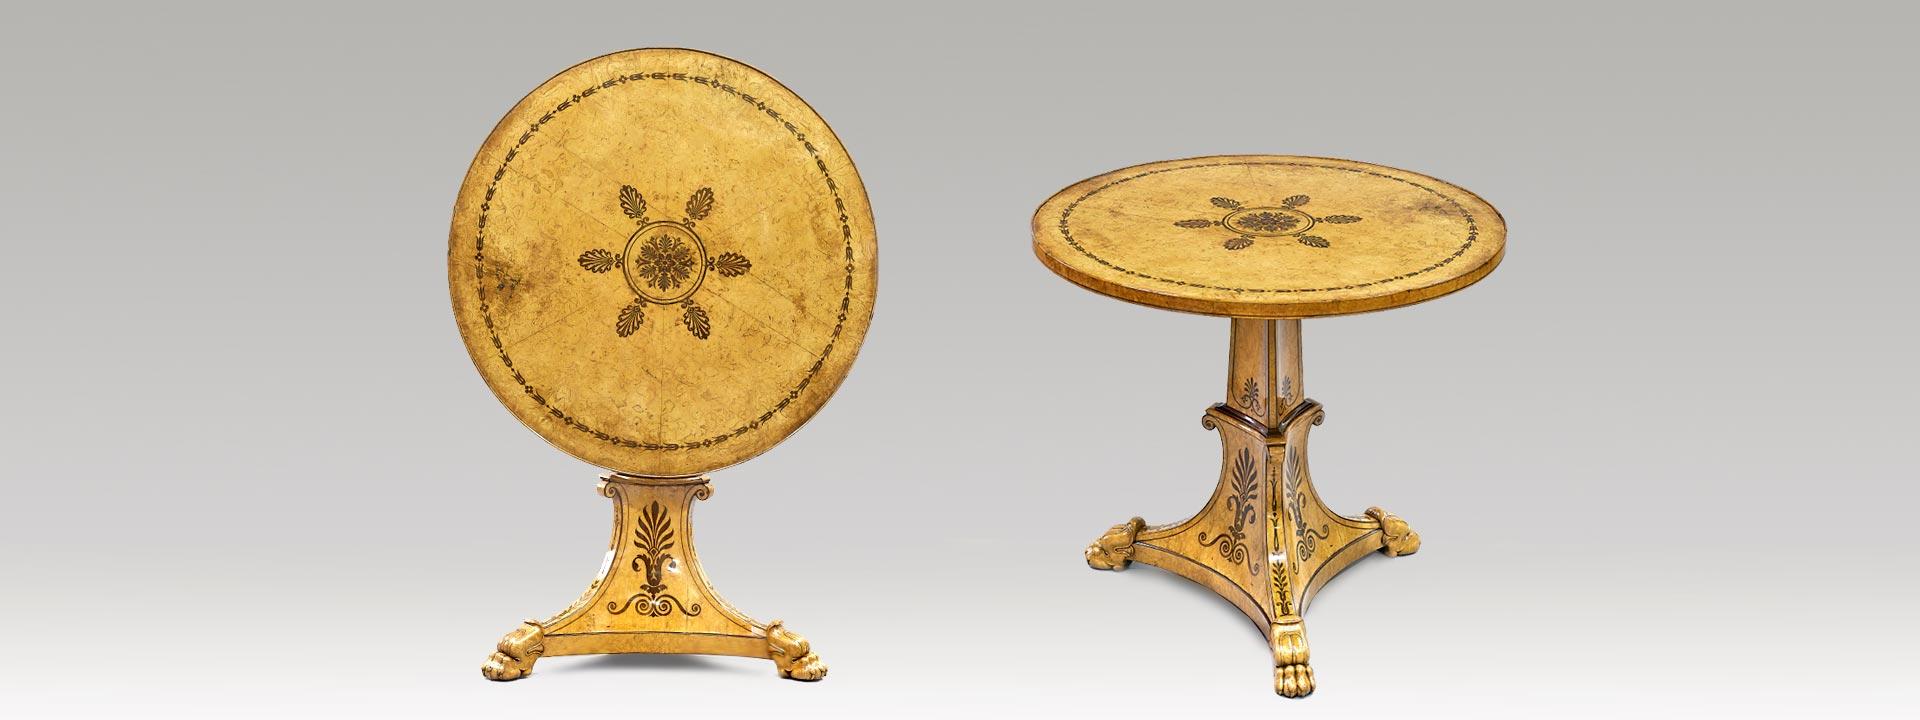 jean yves le bot bniste conservateur restaurateur de meubles dpoque charles x et autre mobilier xixme morbihan 56350 bretagne france